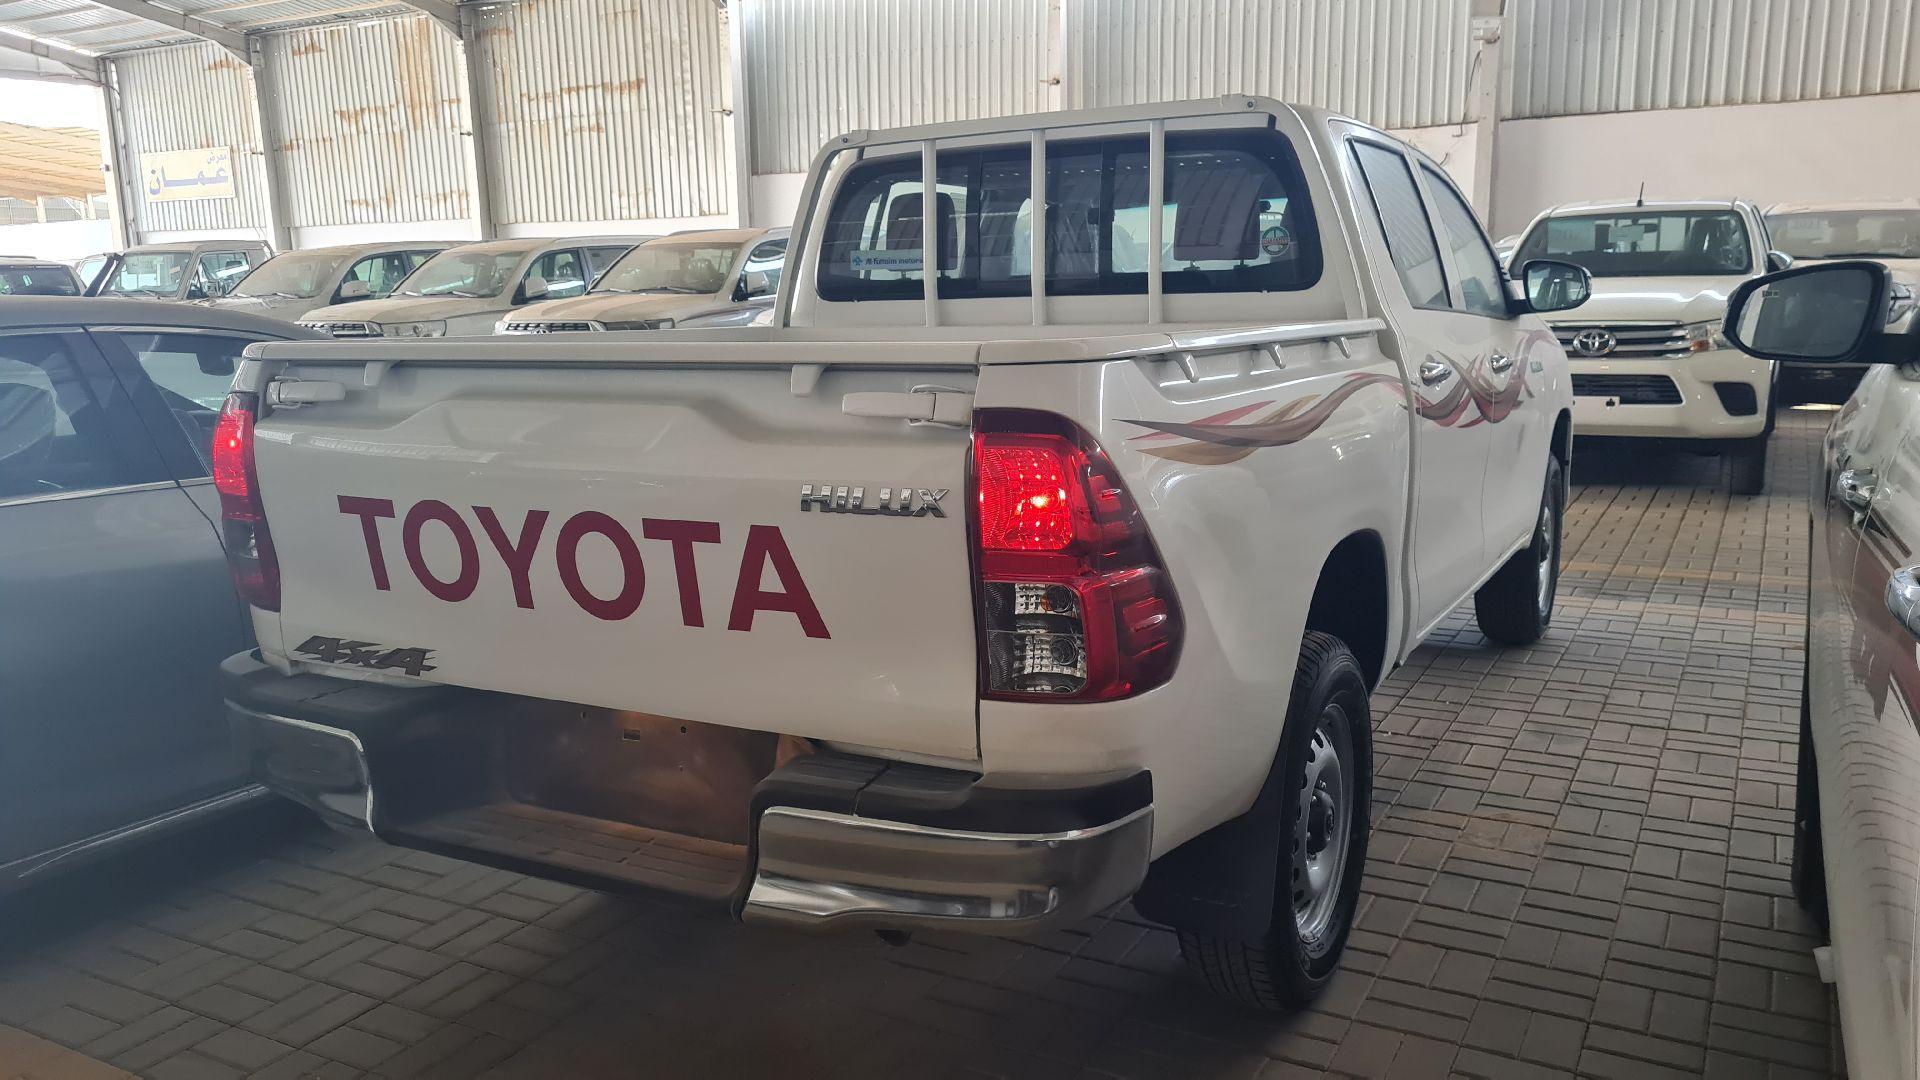 تويوتا هايلكس GL2 ستاندر  2021 دبل غمارتين ديزل خليجي جديد للبيع في الرياض - السعودية - صورة كبيرة - 4